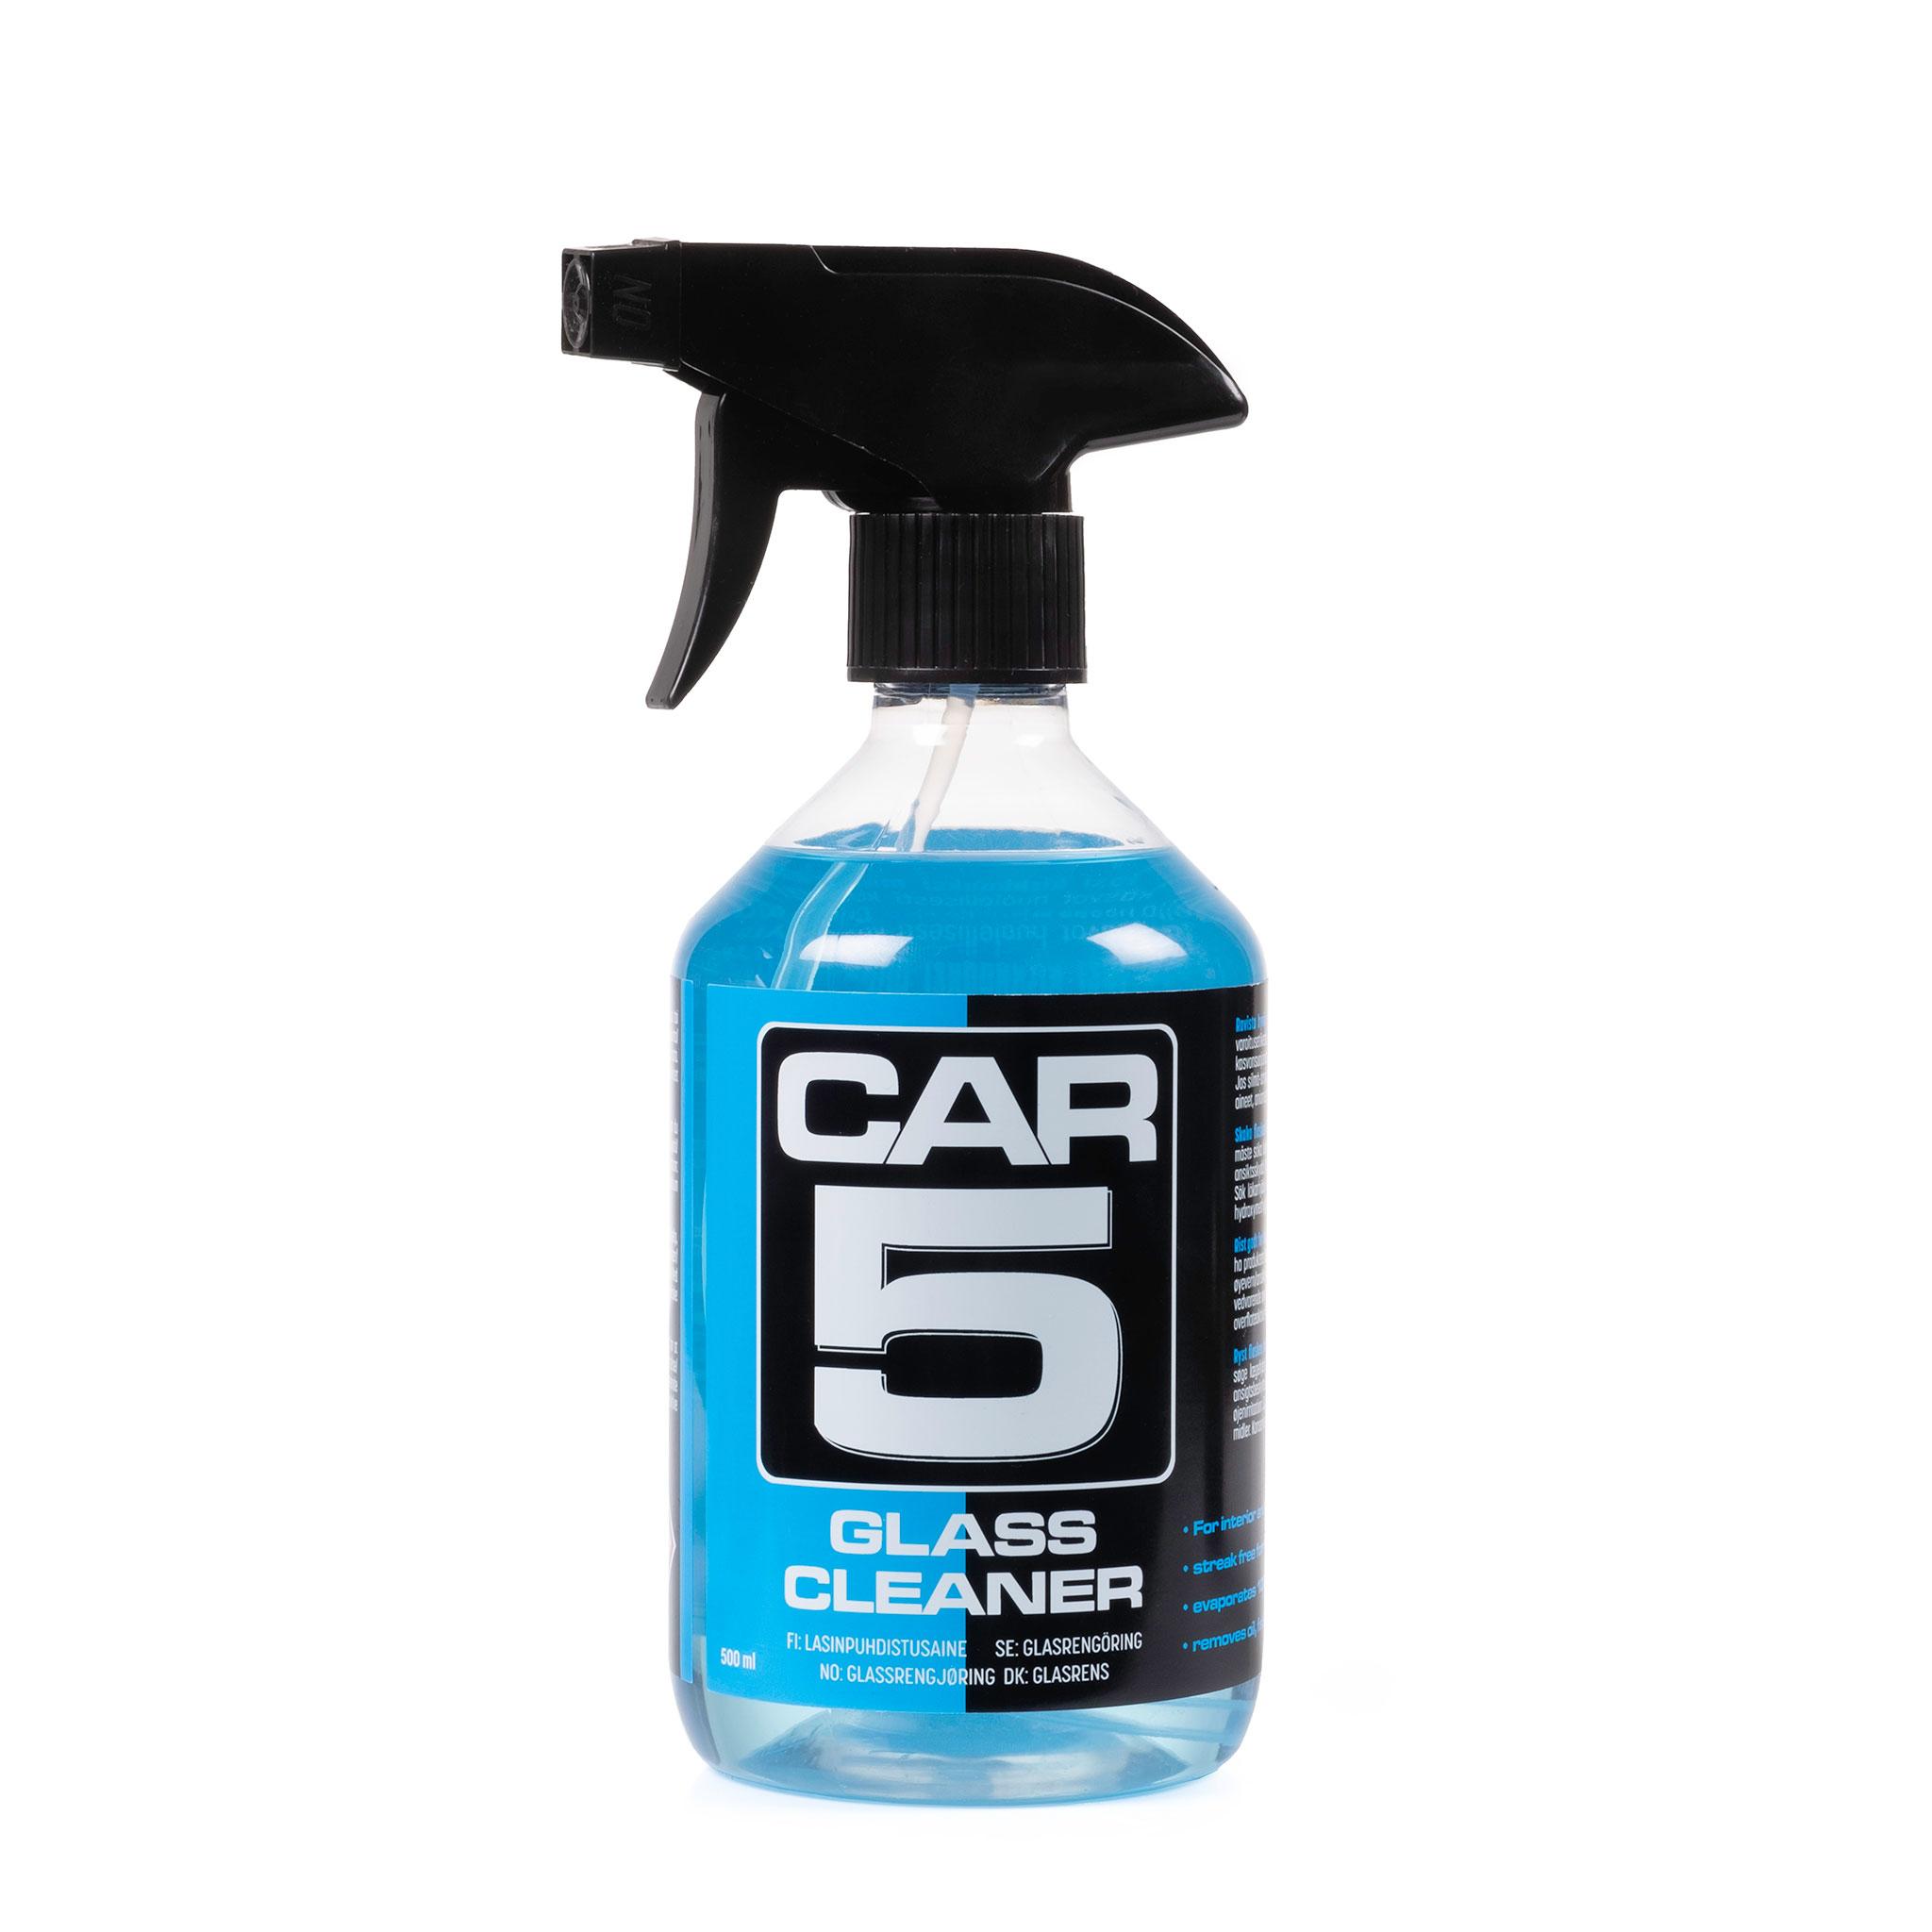 Glasrengöring CAR5 Glass Cleaner, 500 ml